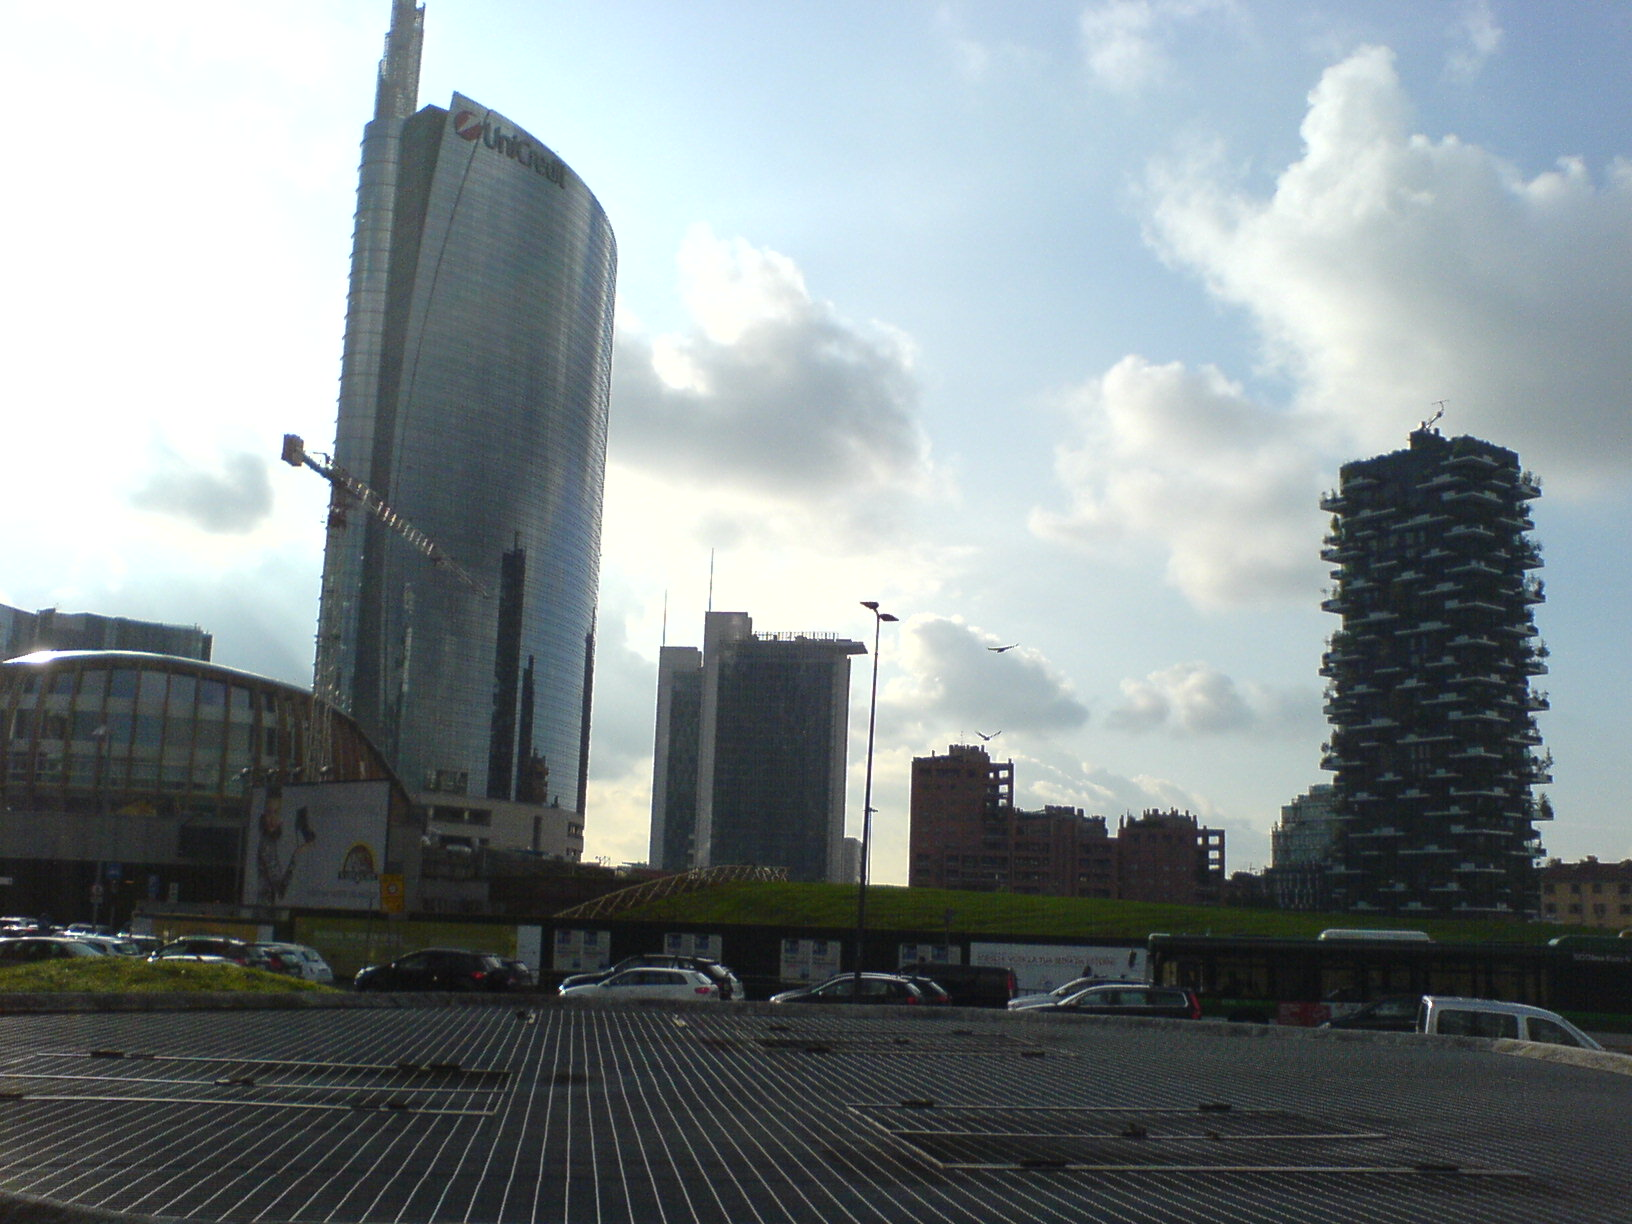 ミラノがどんどん好きになる。この10年で本当のデザイン都市になった印象。_c0061896_73147.jpg